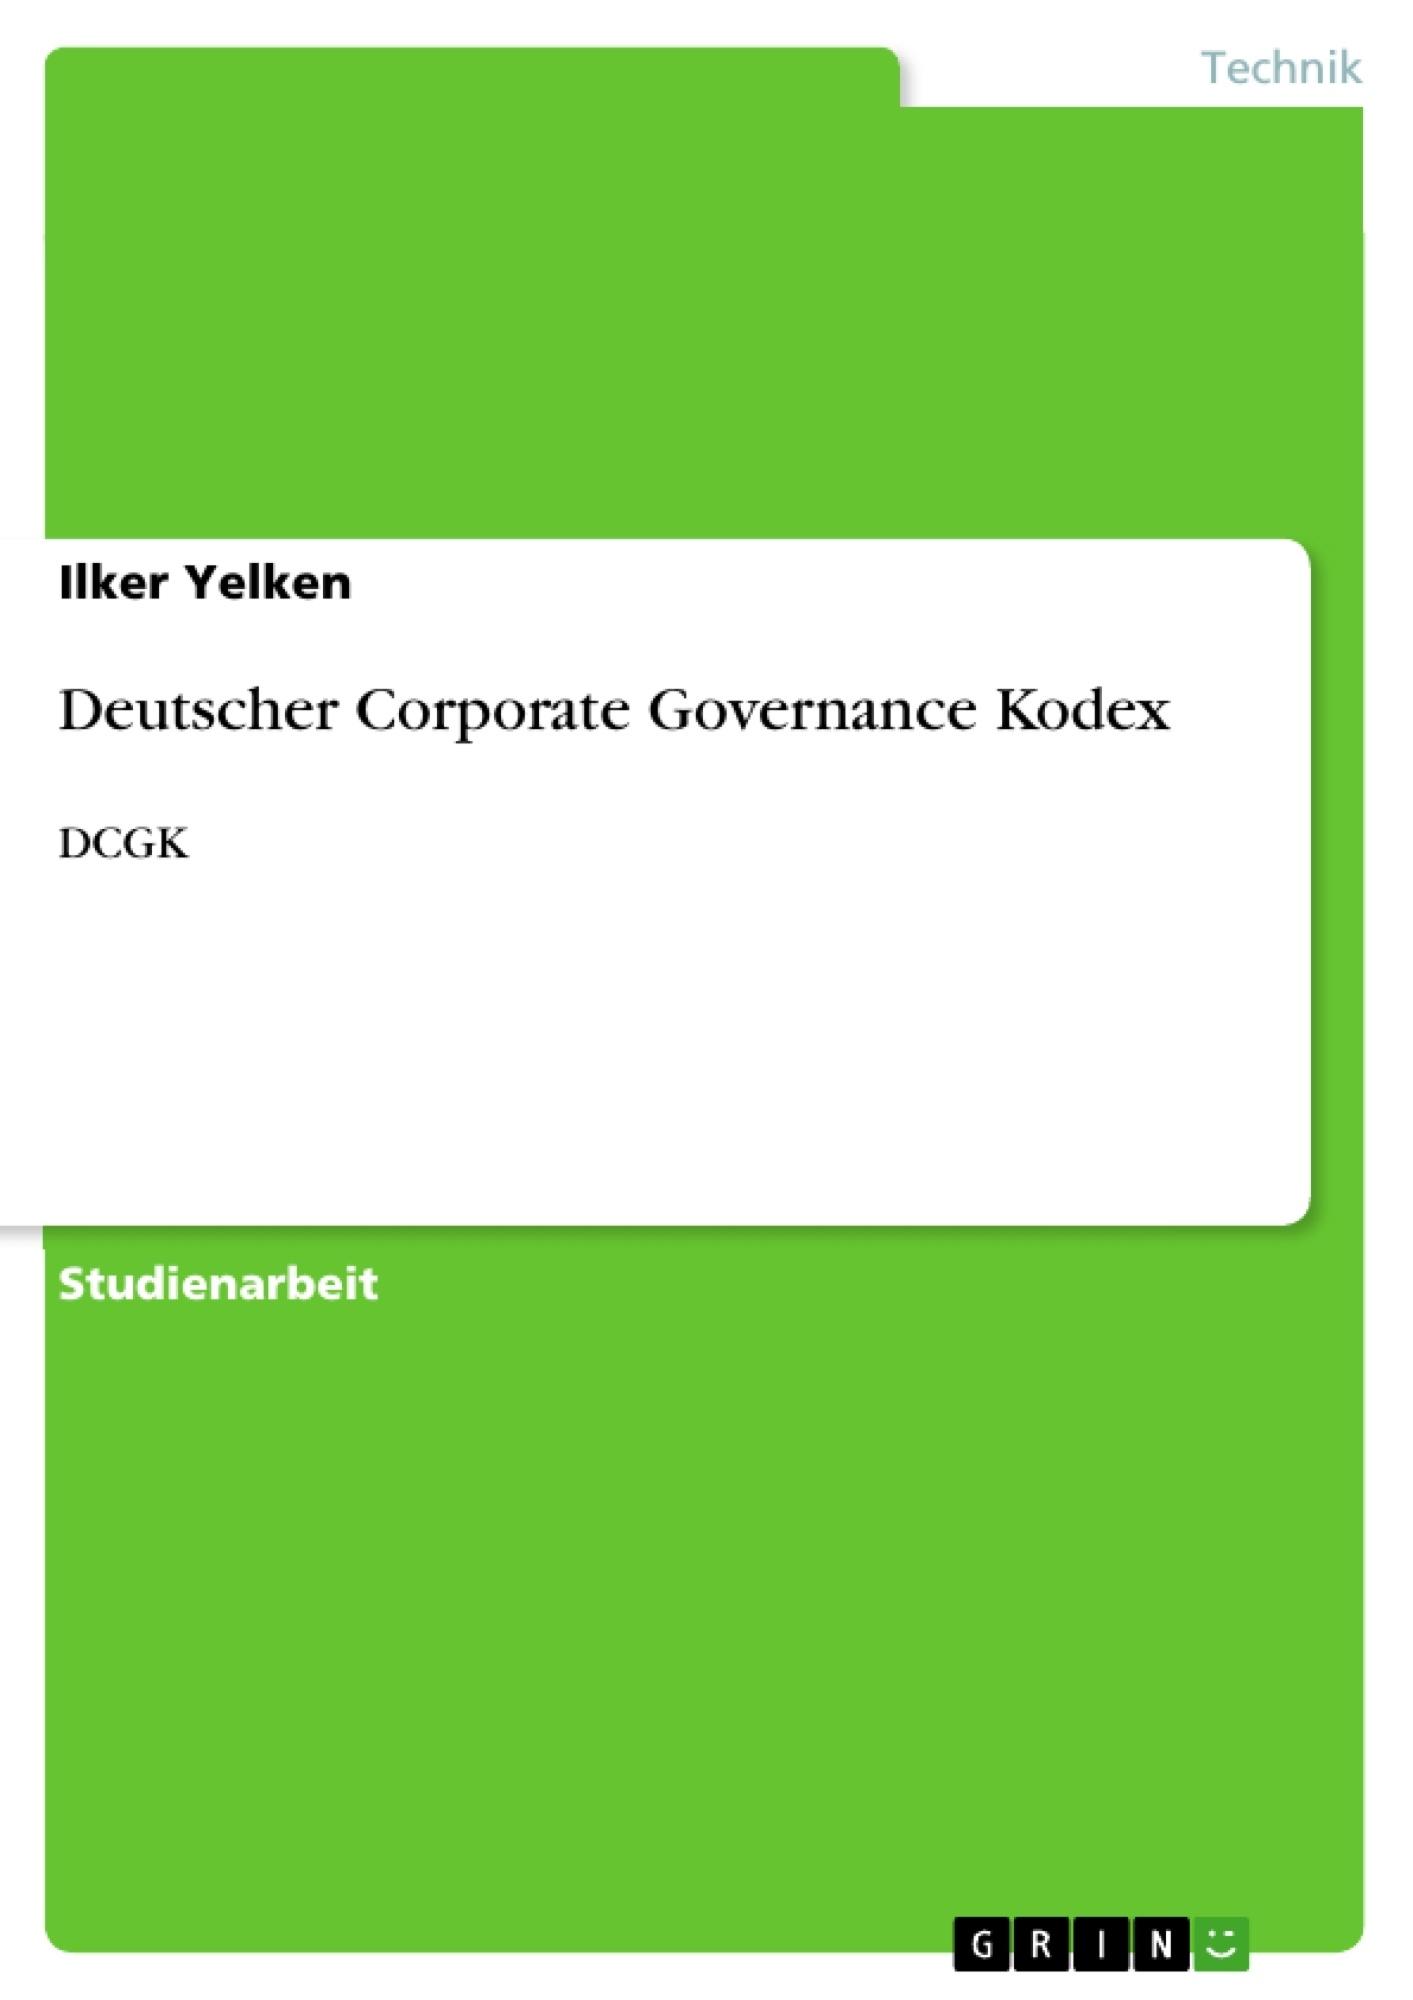 Titel: Deutscher Corporate Governance Kodex